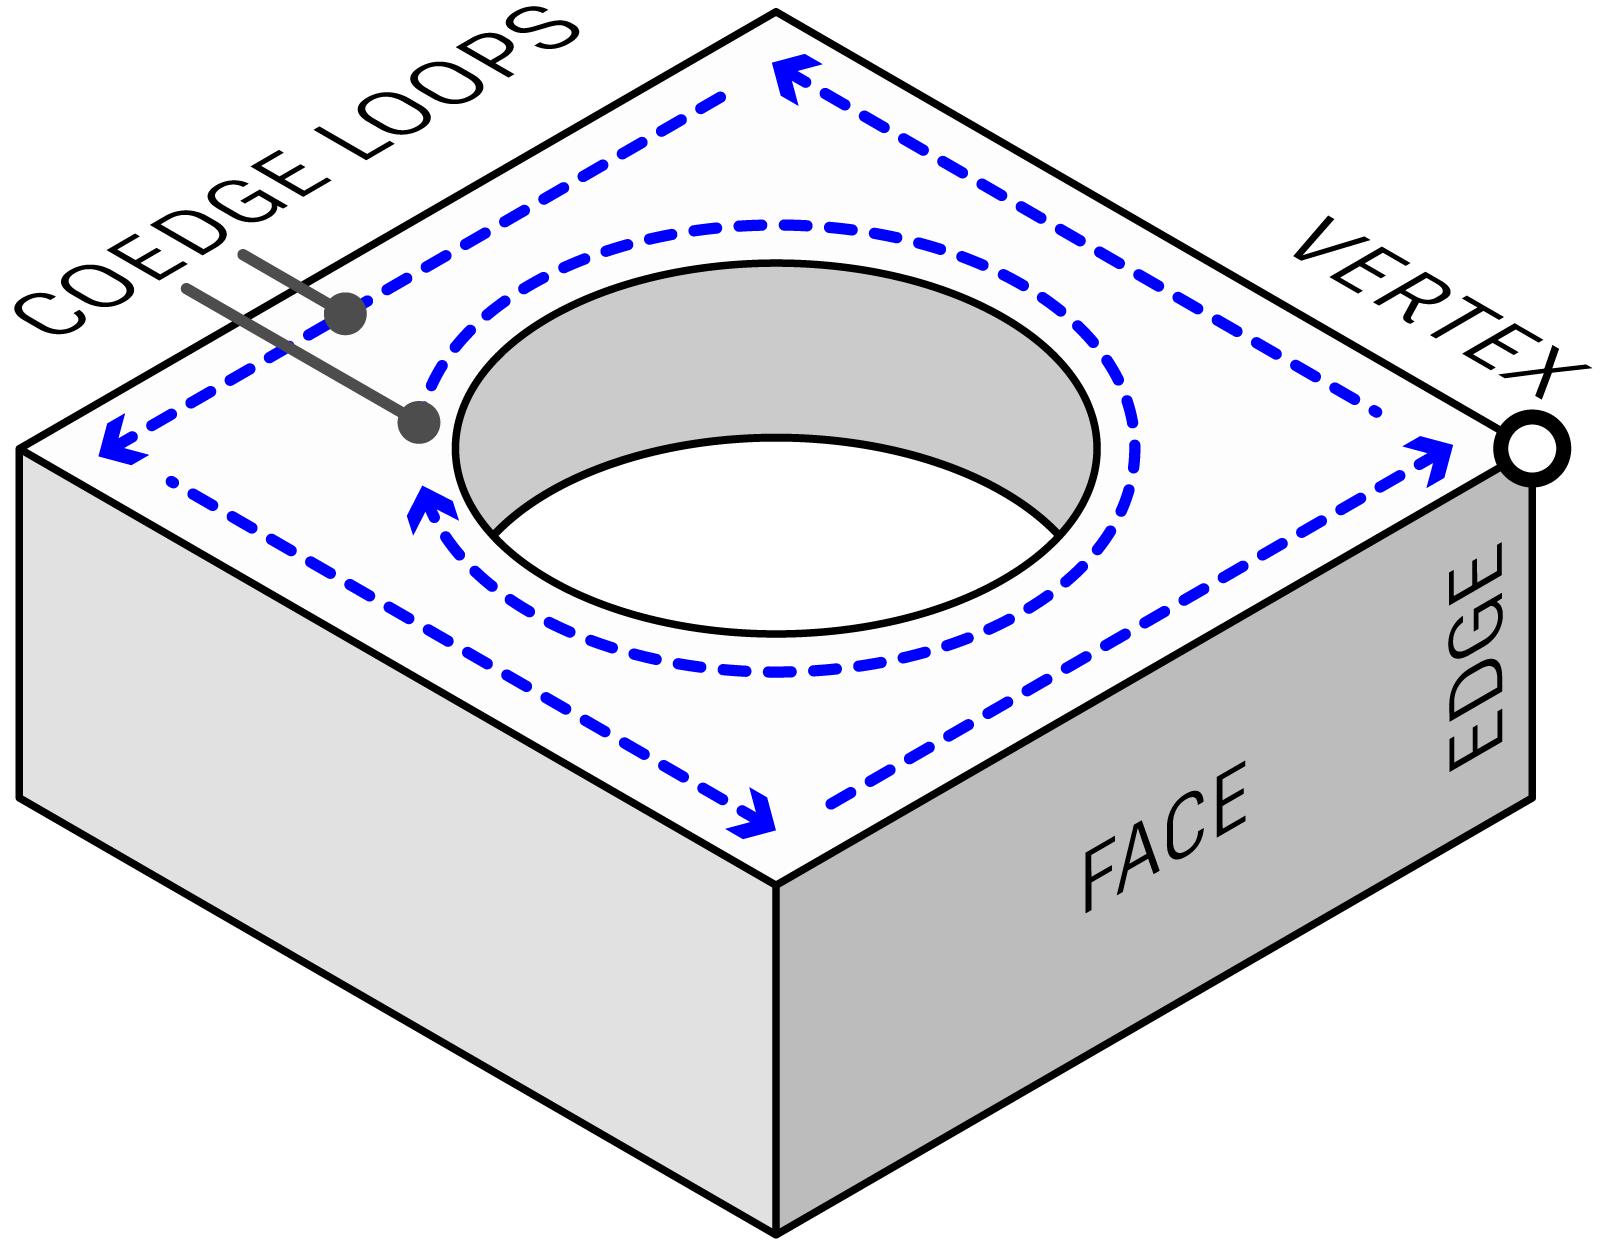 Boundary representation (B-Rep) solid model diagram